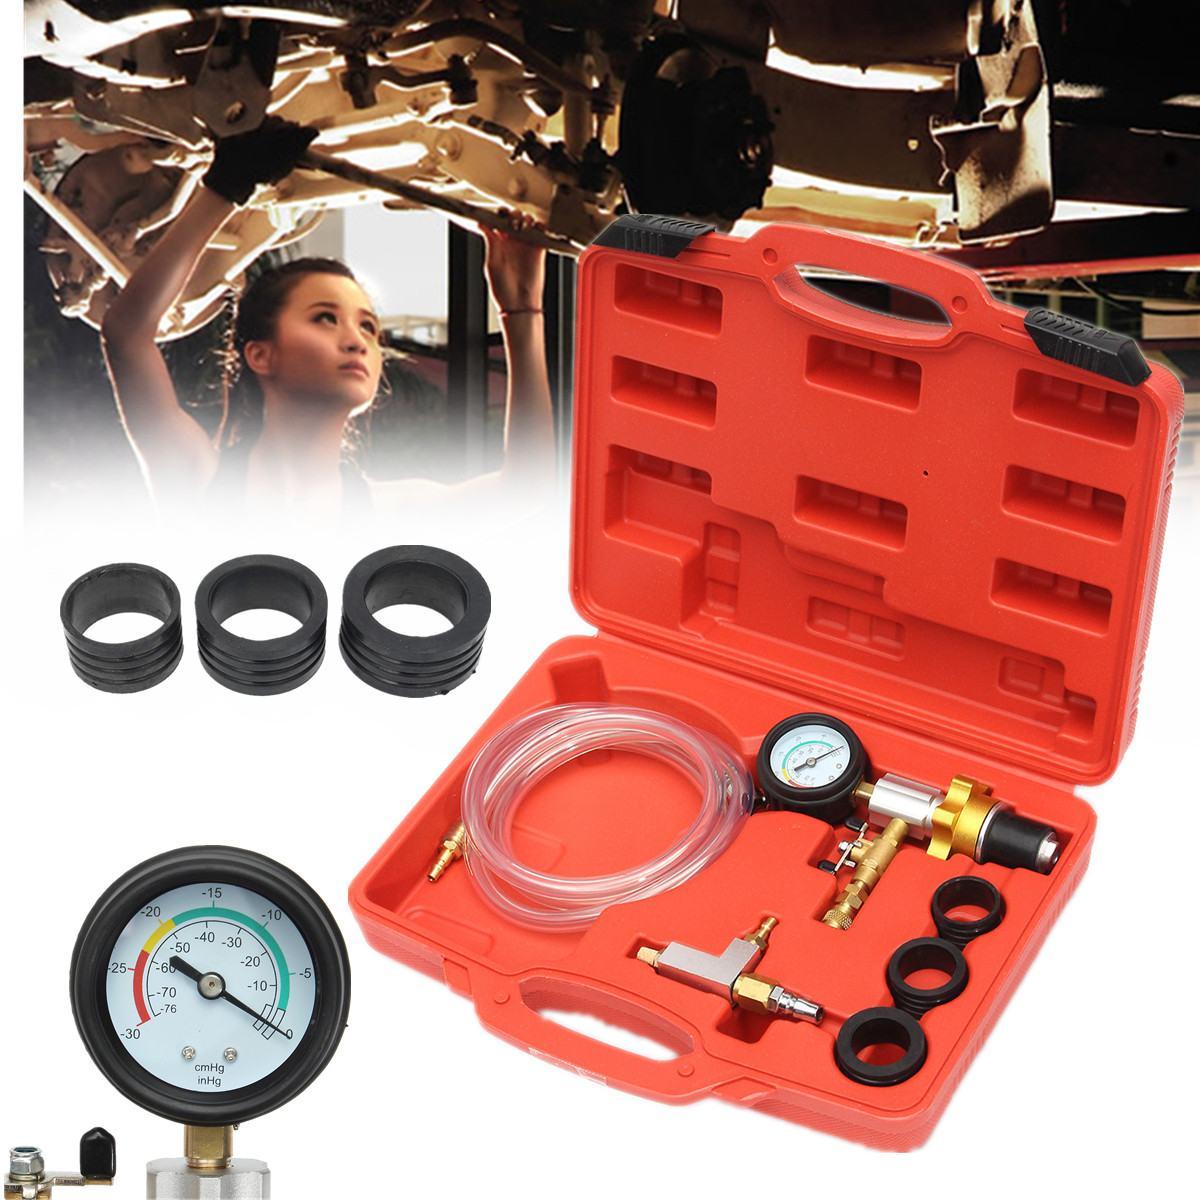 Autoleader système de refroidissement sous vide Auto voiture radiateur liquide de refroidissement recharge et purge outil jauge Kit avec pompe à Air lavage de voiture facile à connecter